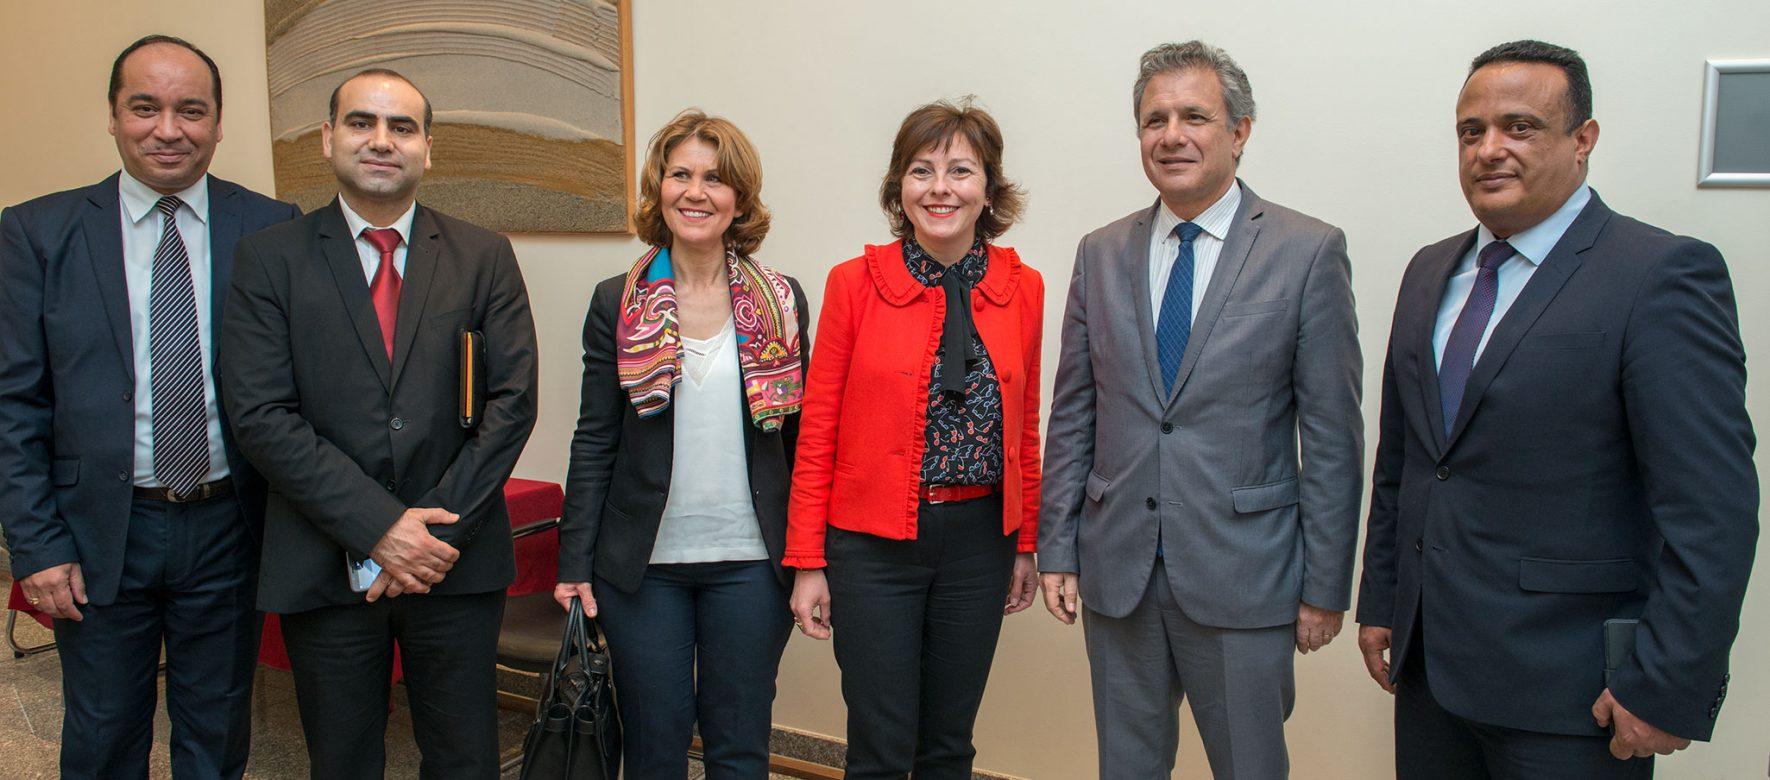 La Région Occitanie/Pyrénées-Méditerranée veut renforcer sa coopération avec la Tunisie et le Maroc